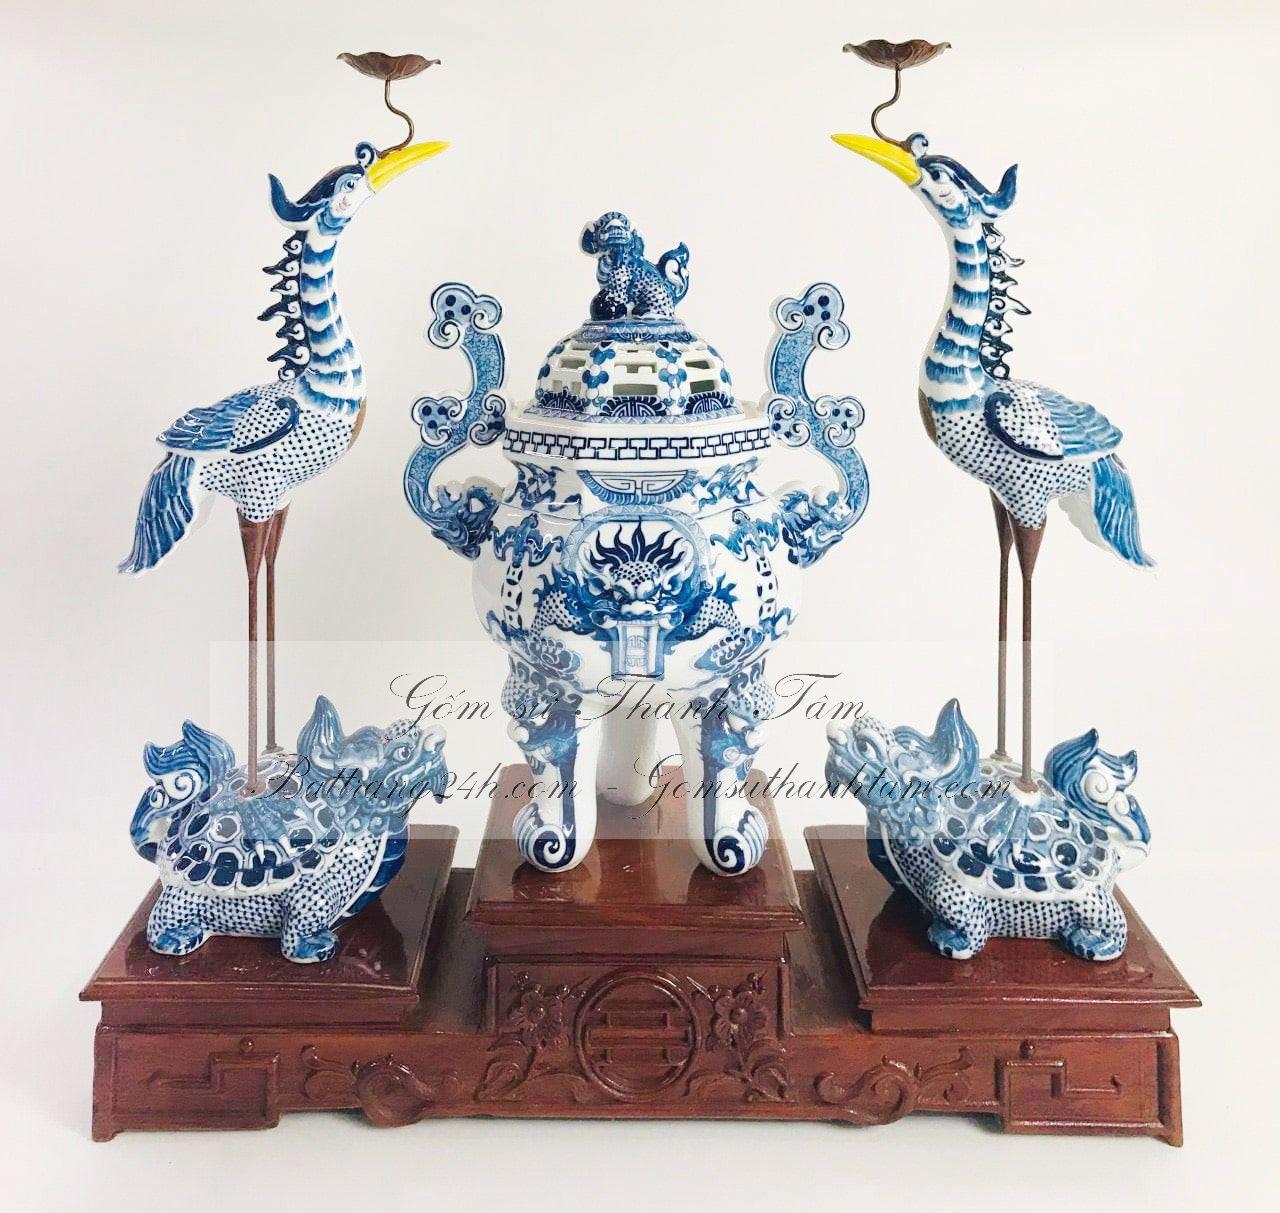 Mua lư hương kèm đỉnh hạc men xanh vẽ Rồng Chầu Mặt Nguyệt hàng Bát Tràng cao cấp, đường nét hoa văn tỉ mỉ, có chân đế gỗ đi kèm, giá rẻ